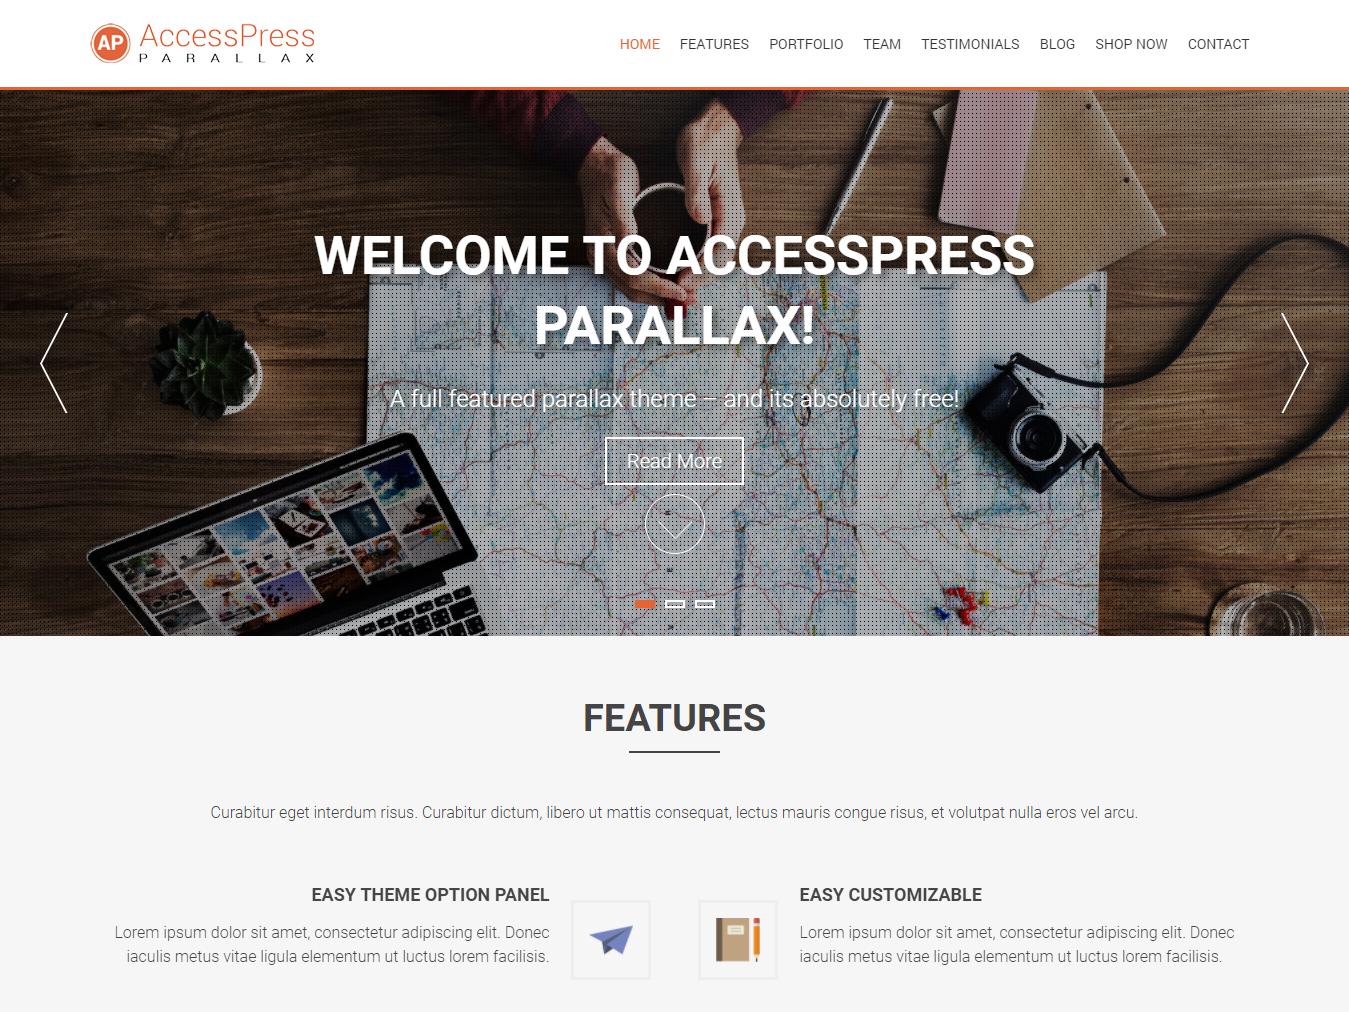 https://themes.svn.wordpress.org/accesspress-parallax/1.52/screenshot.png